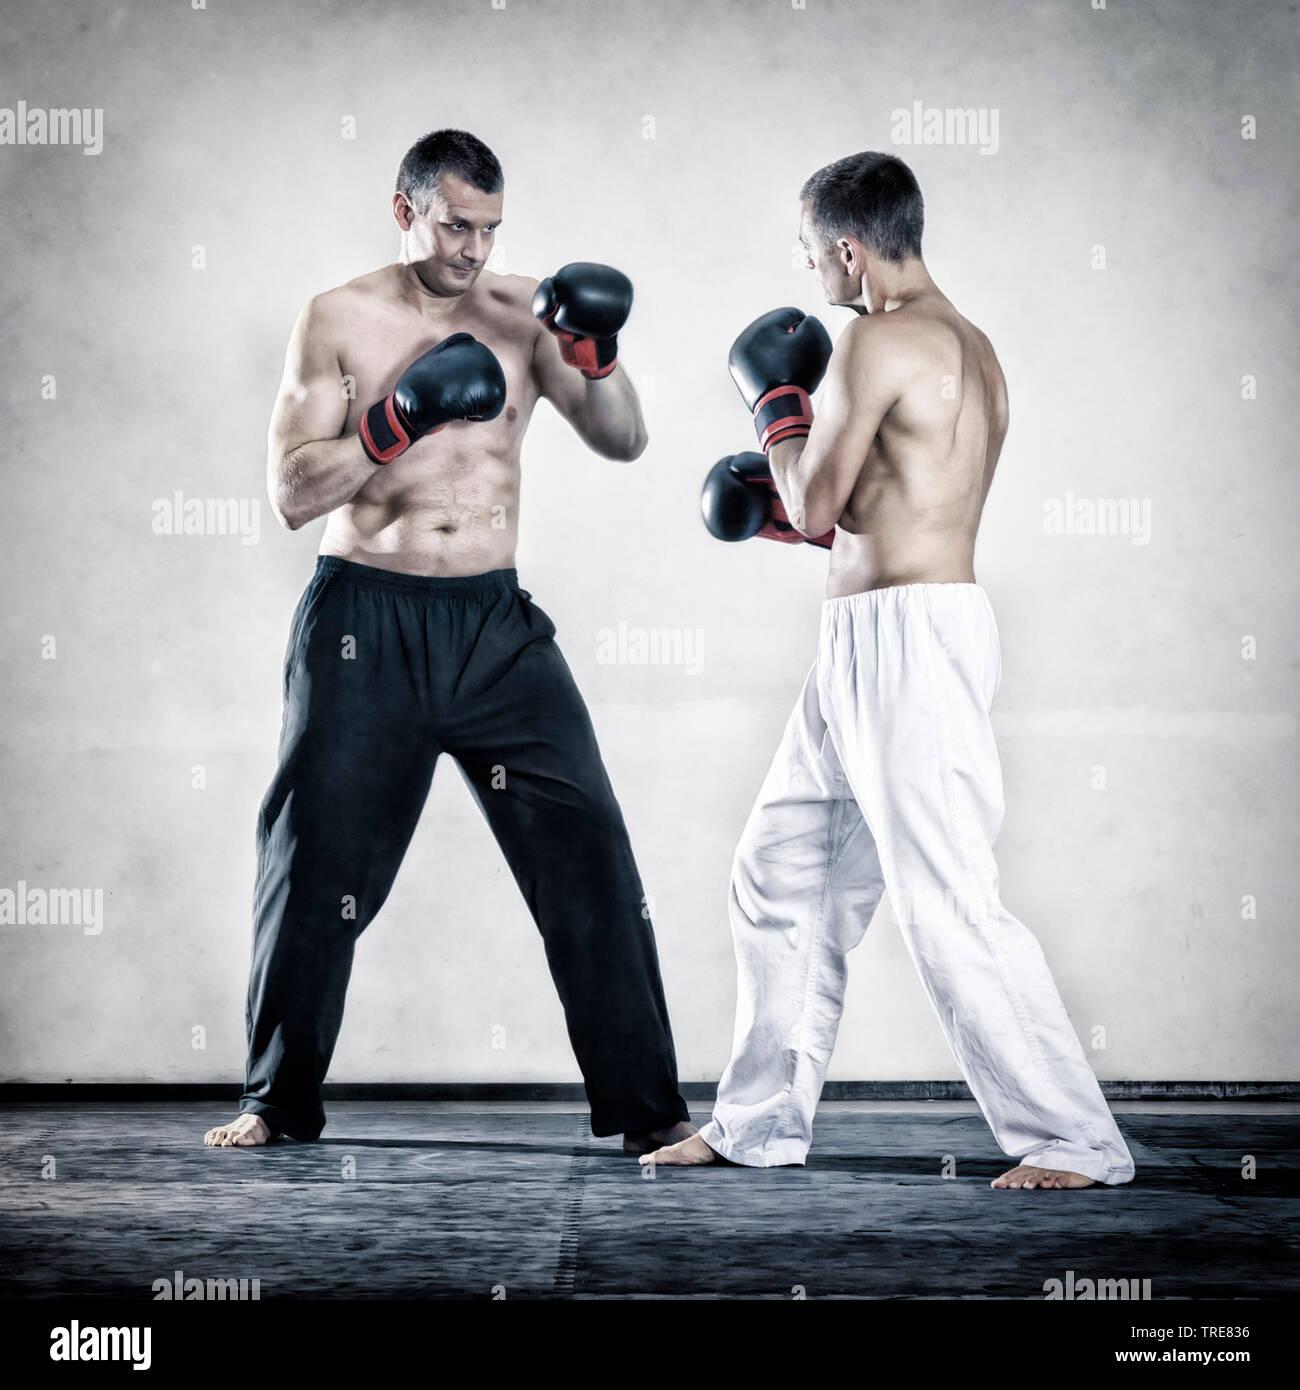 zwei Maenner beim Boxen | two men boxin | BLWS519658.jpg [ (c) blickwinkel/McPHOTO/M. Gann Tel. +49 (0)2302-2793220, E-mail: info@blickwinkel.de, Inte - Stock Image